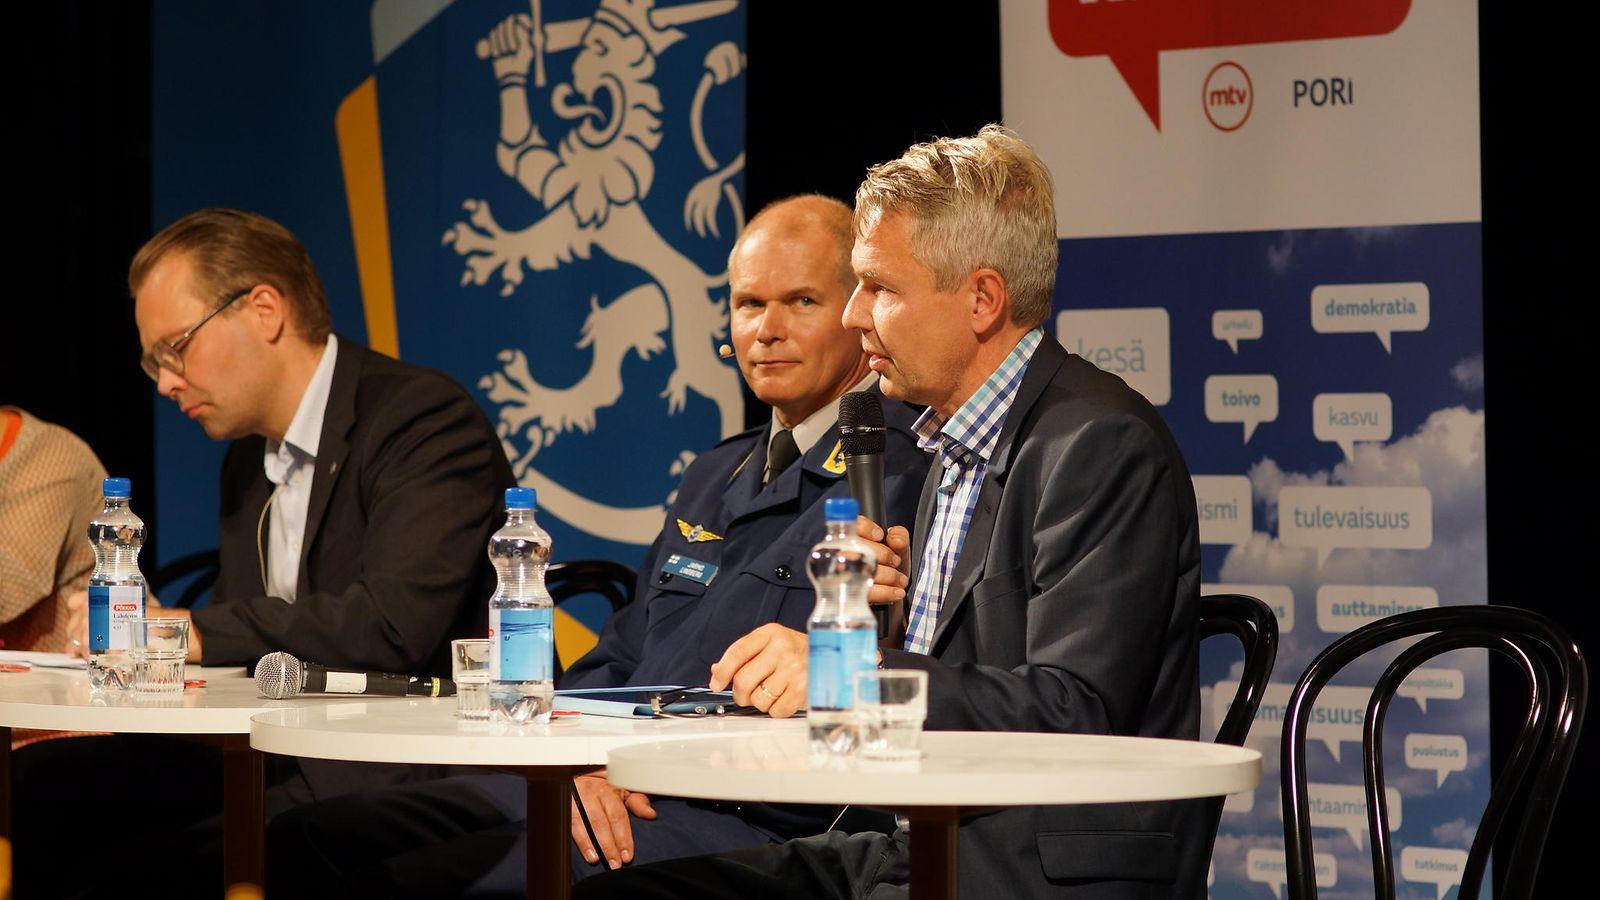 Kansa ei luota puolustukseen - puolustusvoimain komentaja ymmärtää suomalaisten huolen - Kotimaa ...